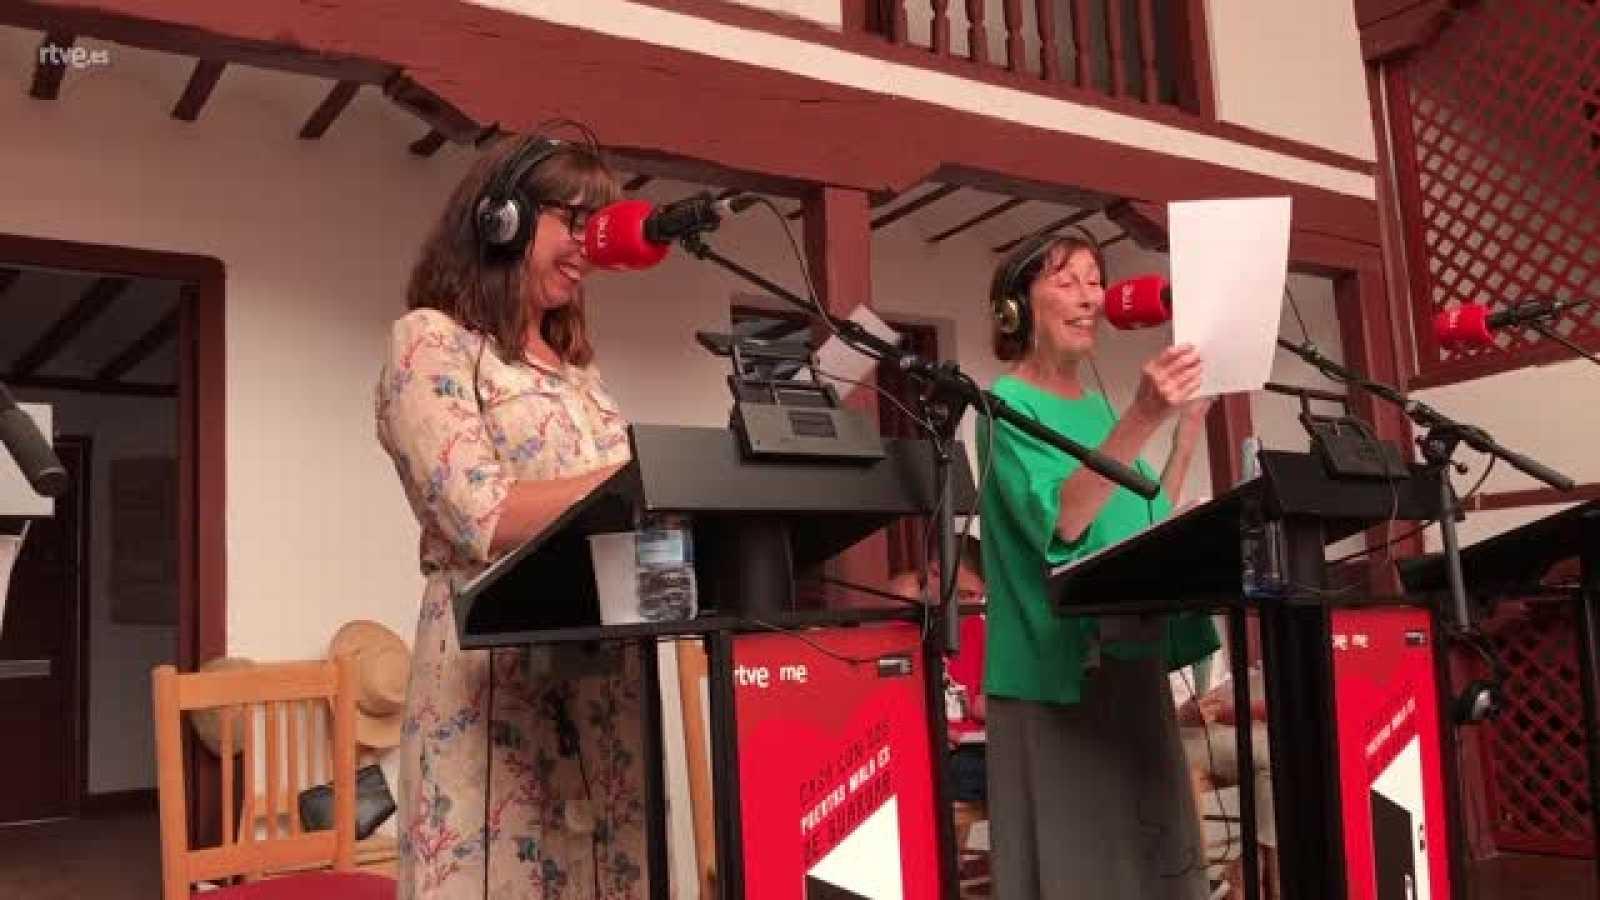 Almagro 2018 - Ficción sonora - Casa con dos puertas mala es de guardar